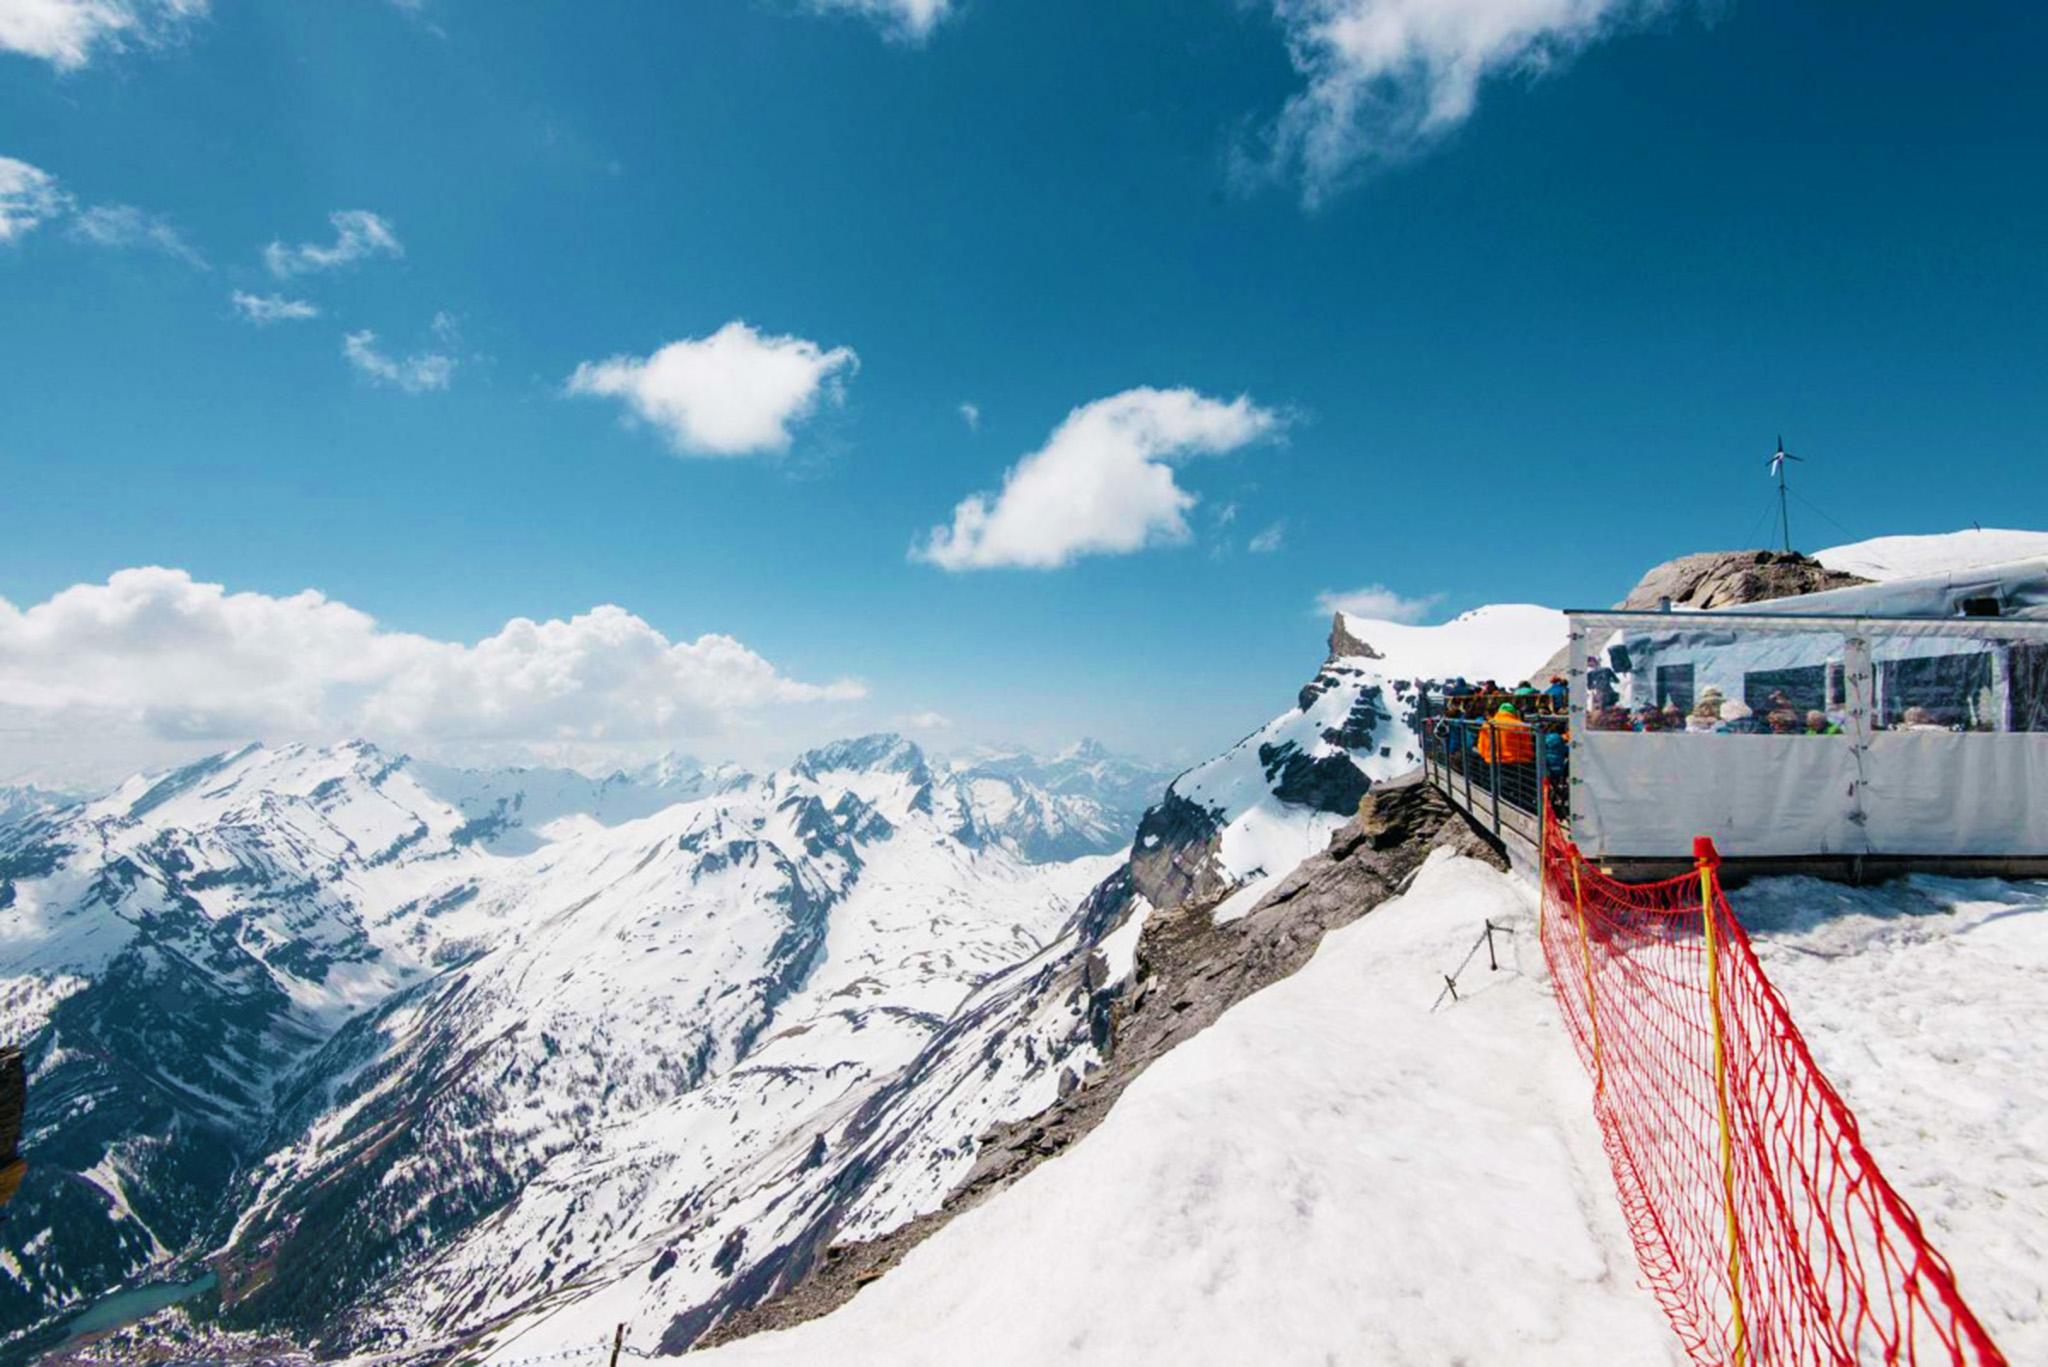 kt_2020_320_Keytours_excursions_Swisstours_glacier3000_refuge1_2048_10